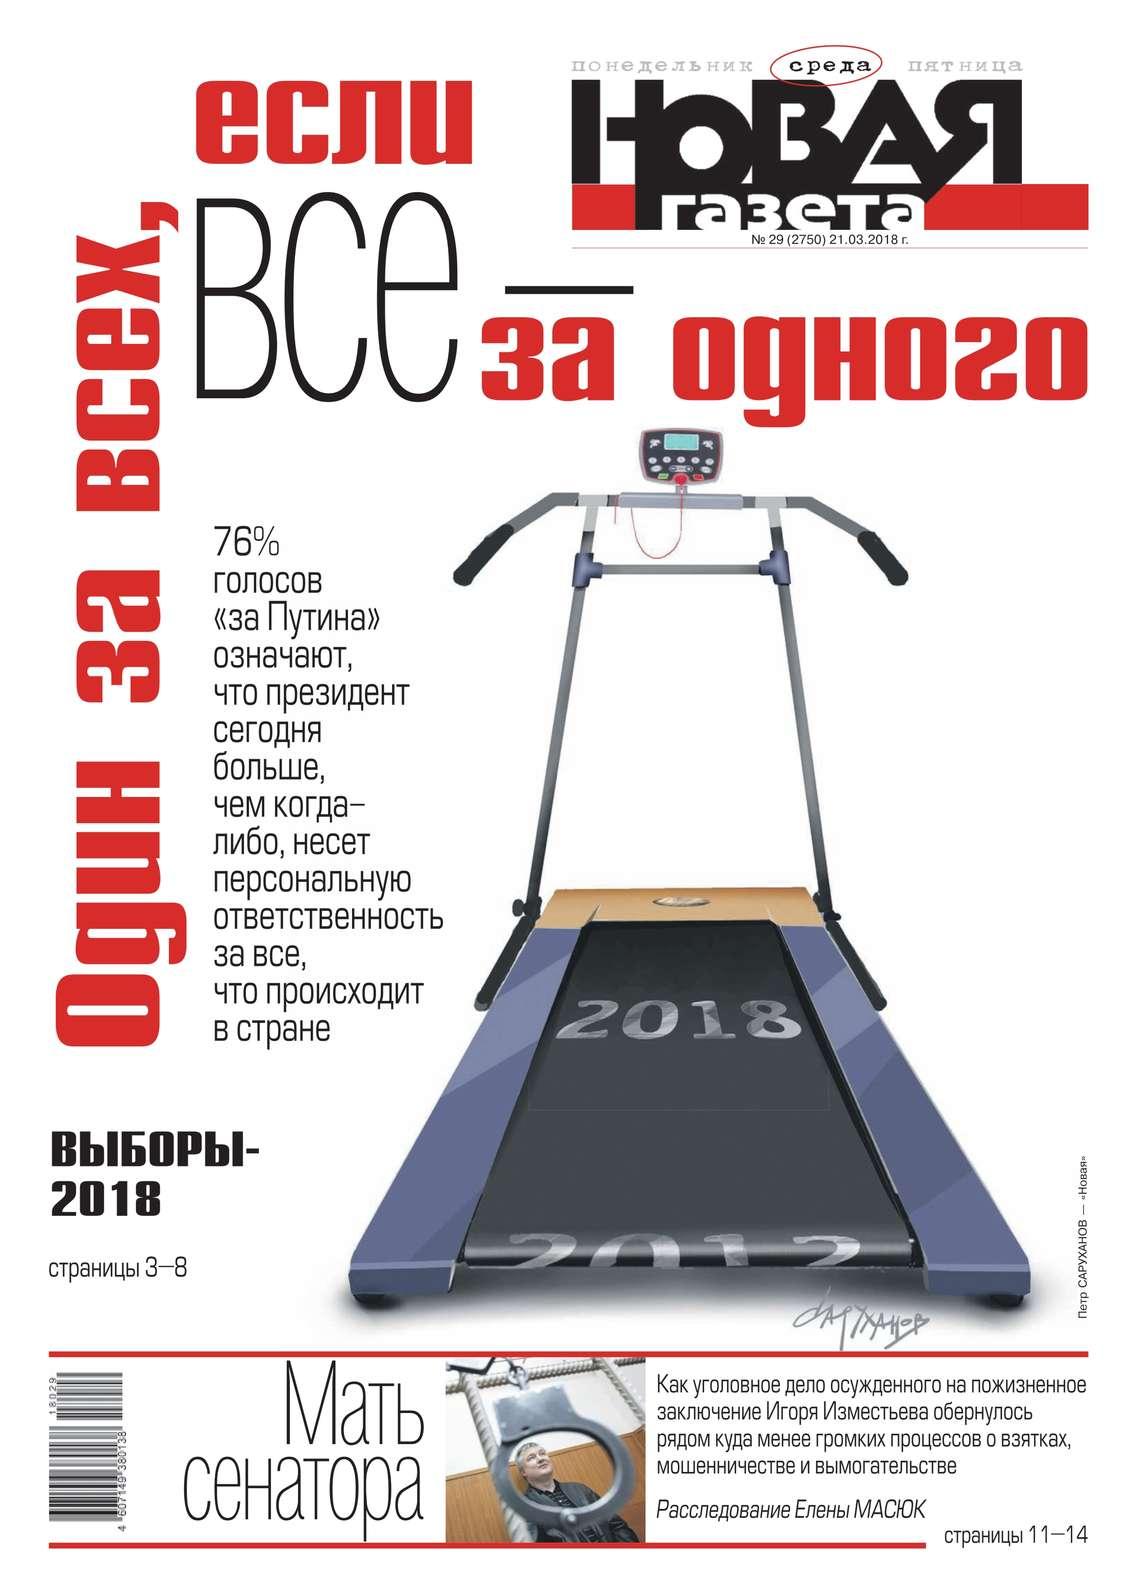 Редакция газеты Новая Газета Новая Газета 29-2018 цена